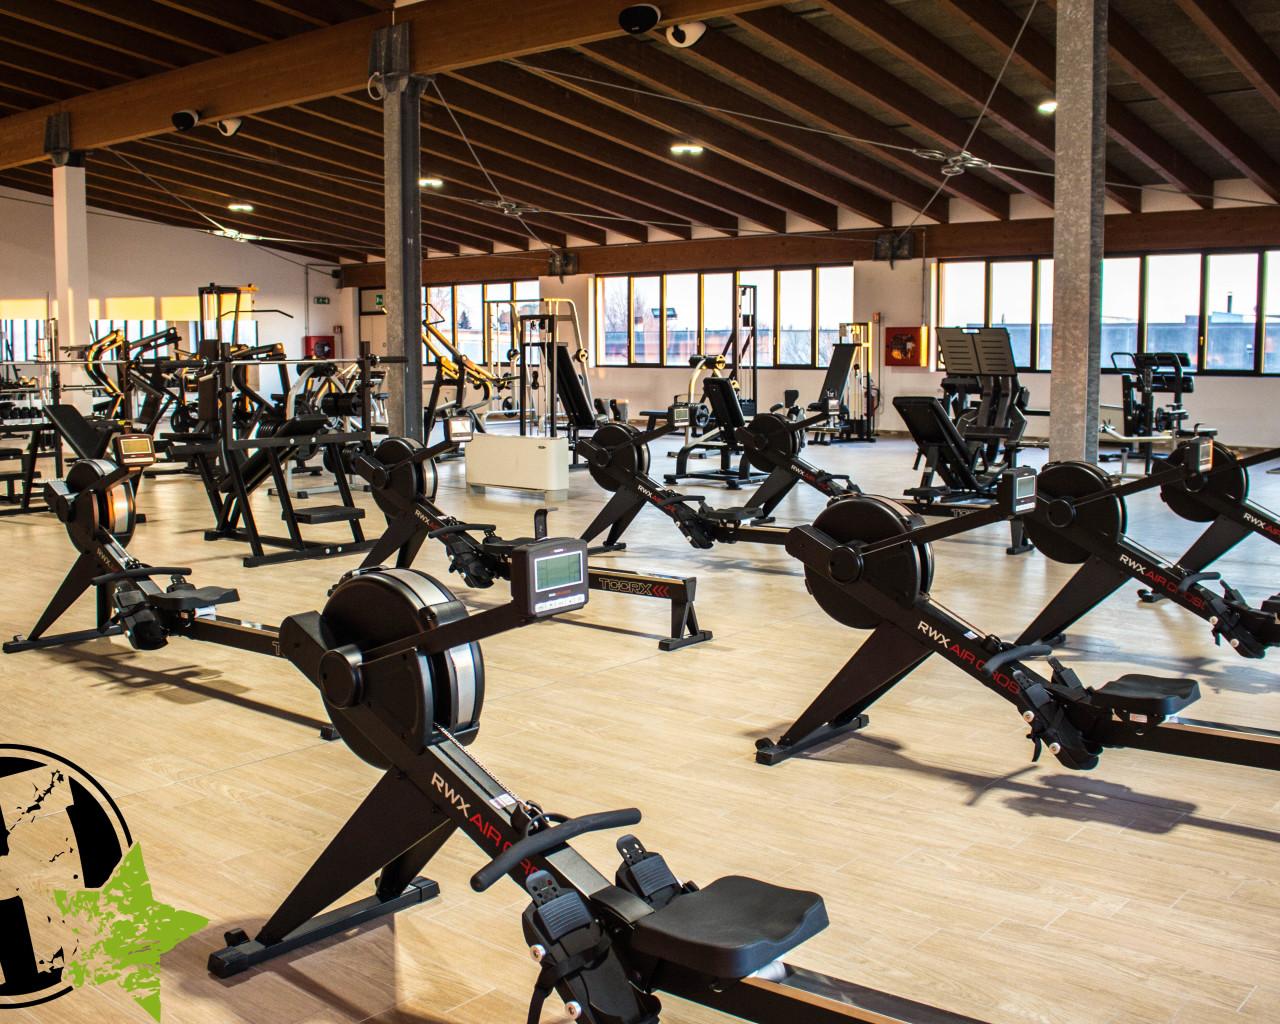 Hollywood Gym Club Isola della Scala